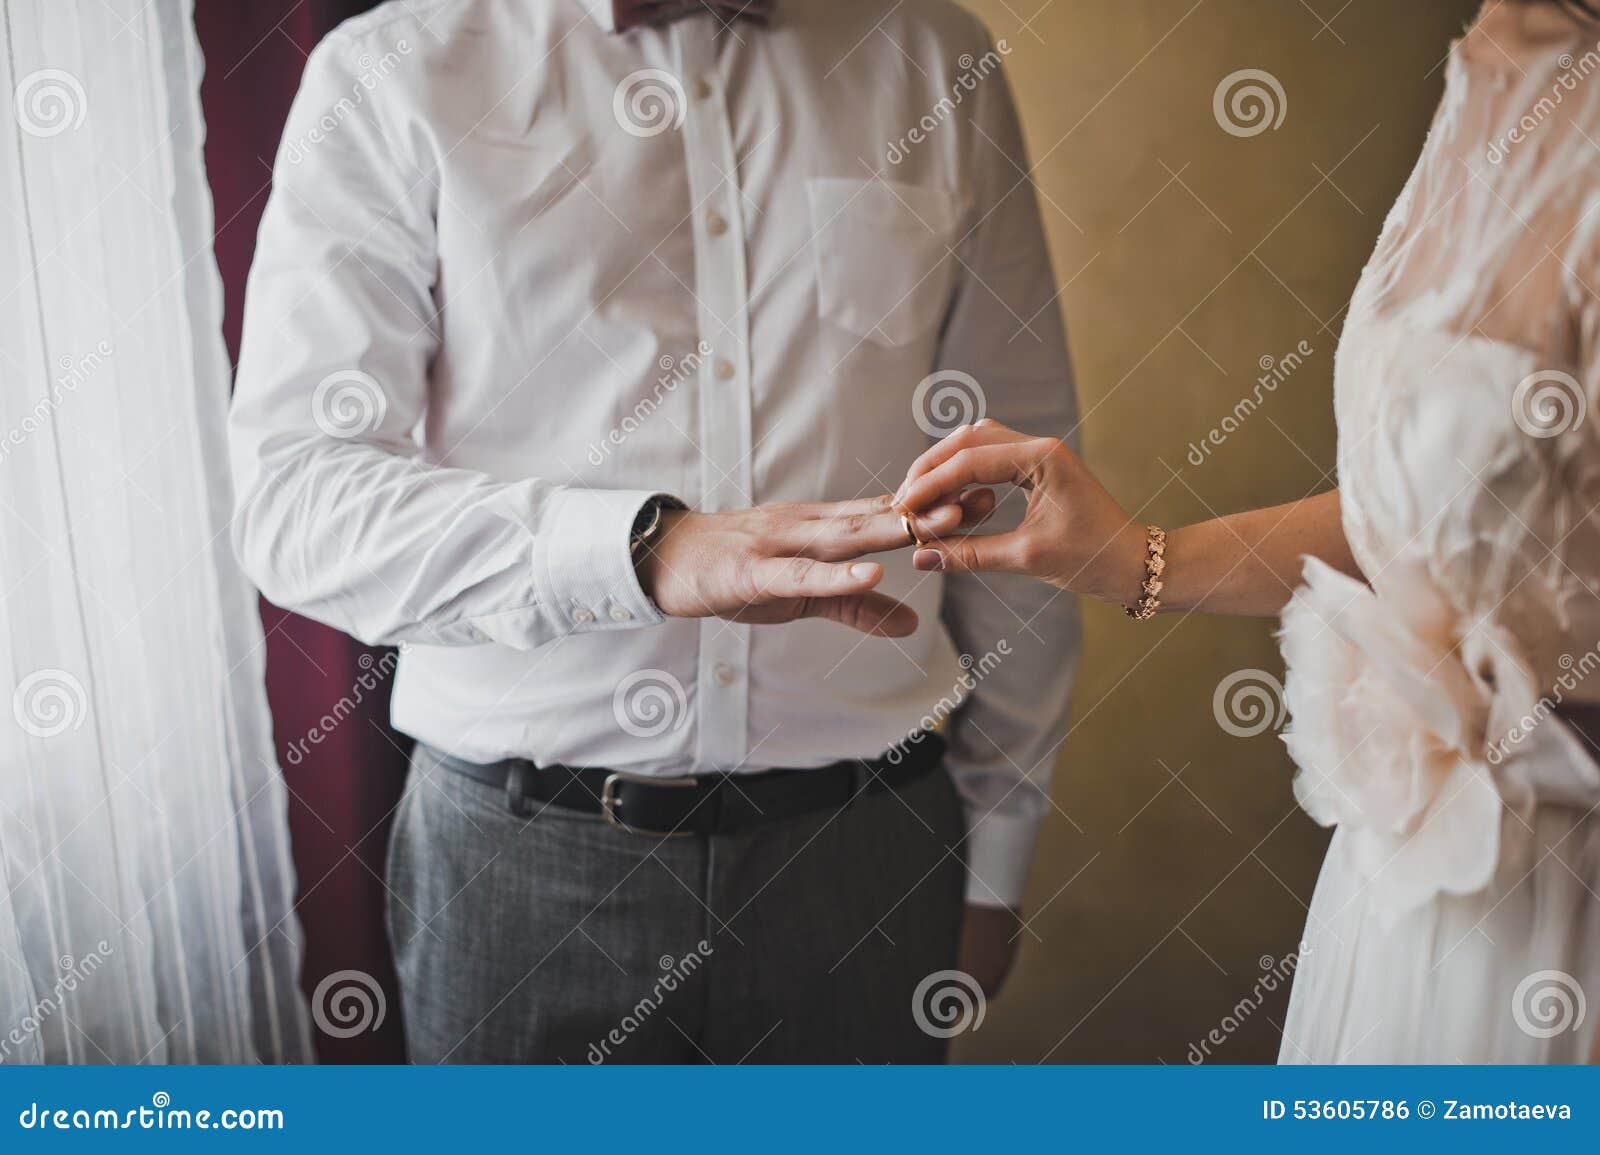 Exchange Of Wedding Rings Stock Image